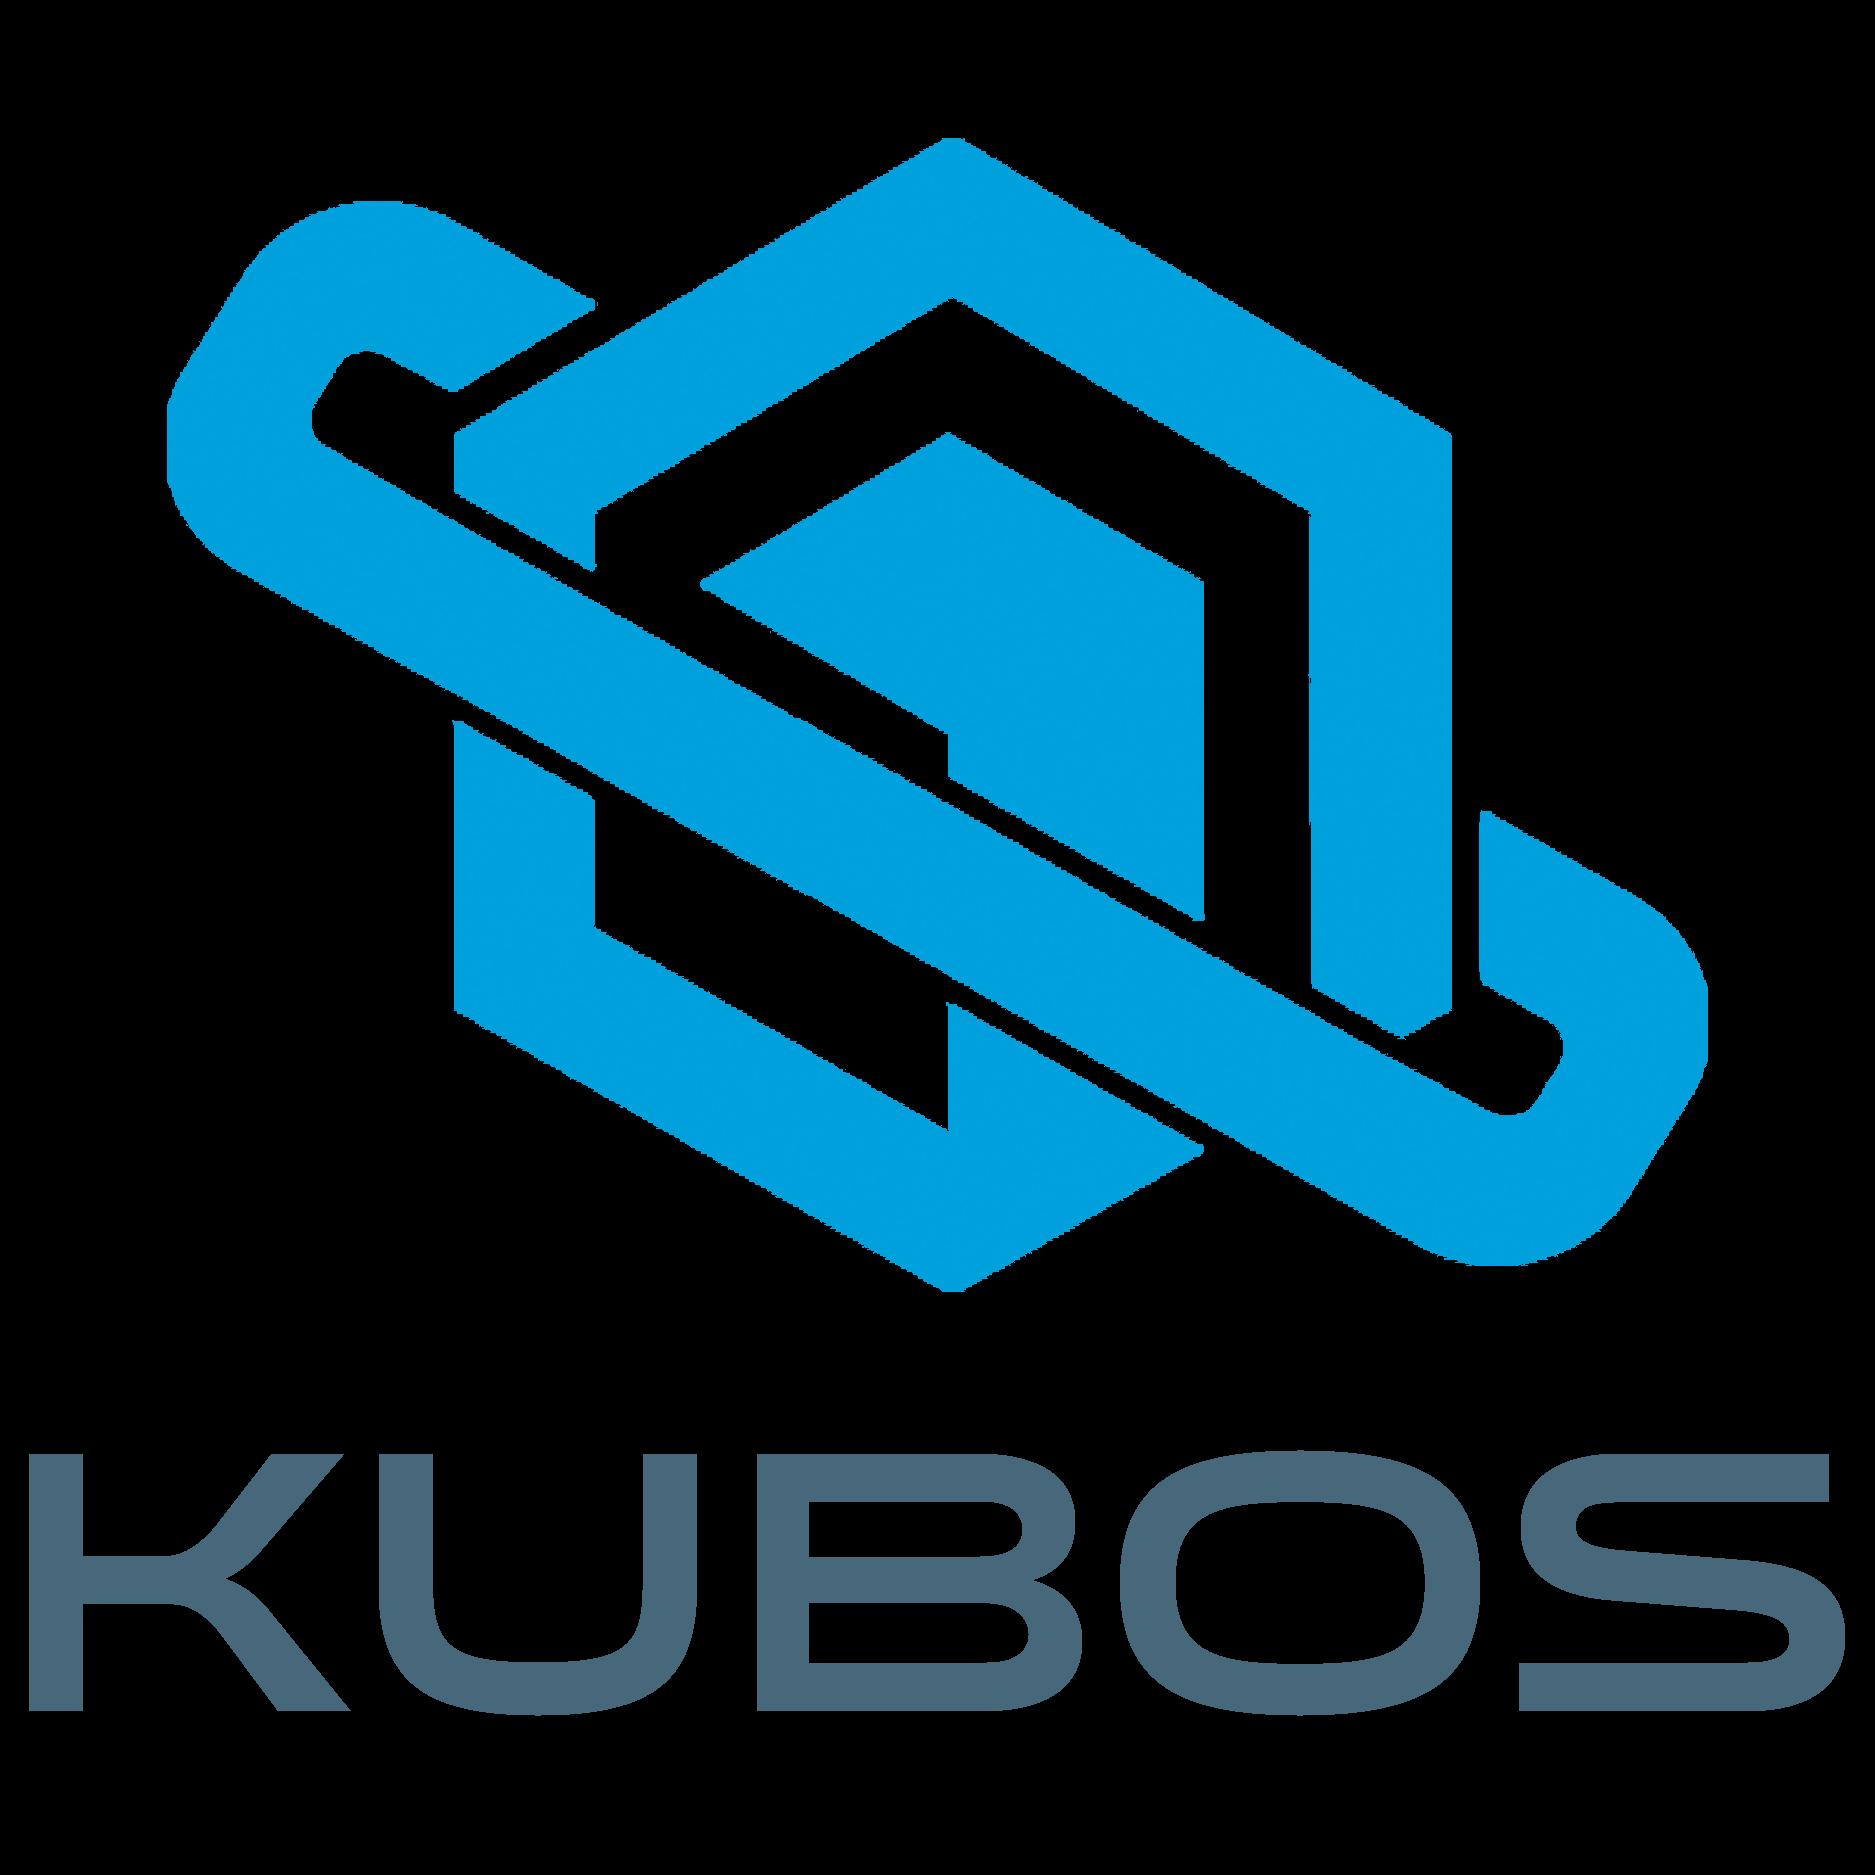 kubos-logo-square-highres.png